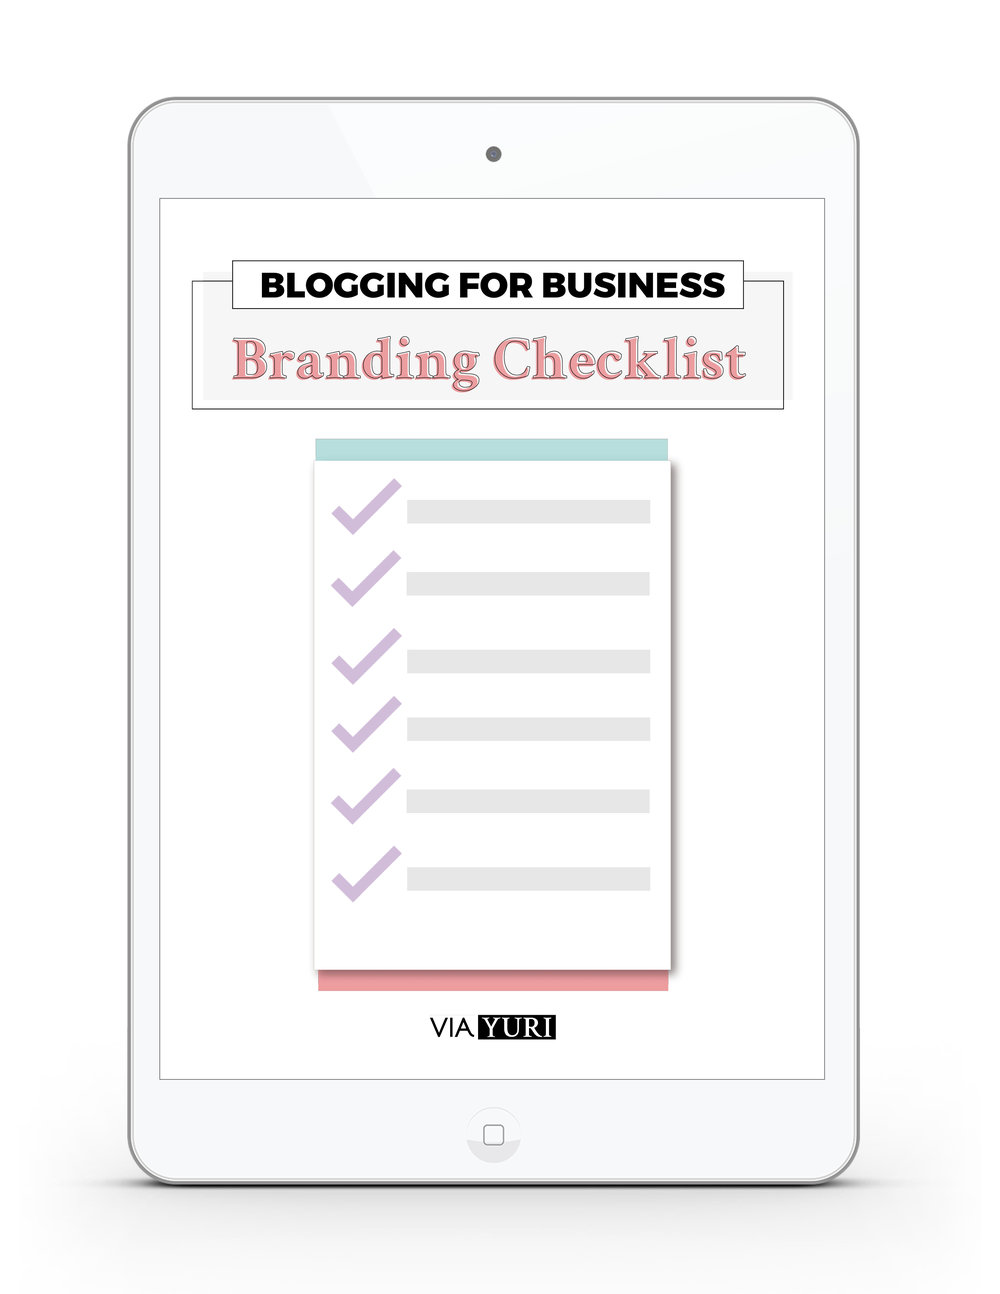 Brand Your Blog and Business Checklist | viaYuri.com